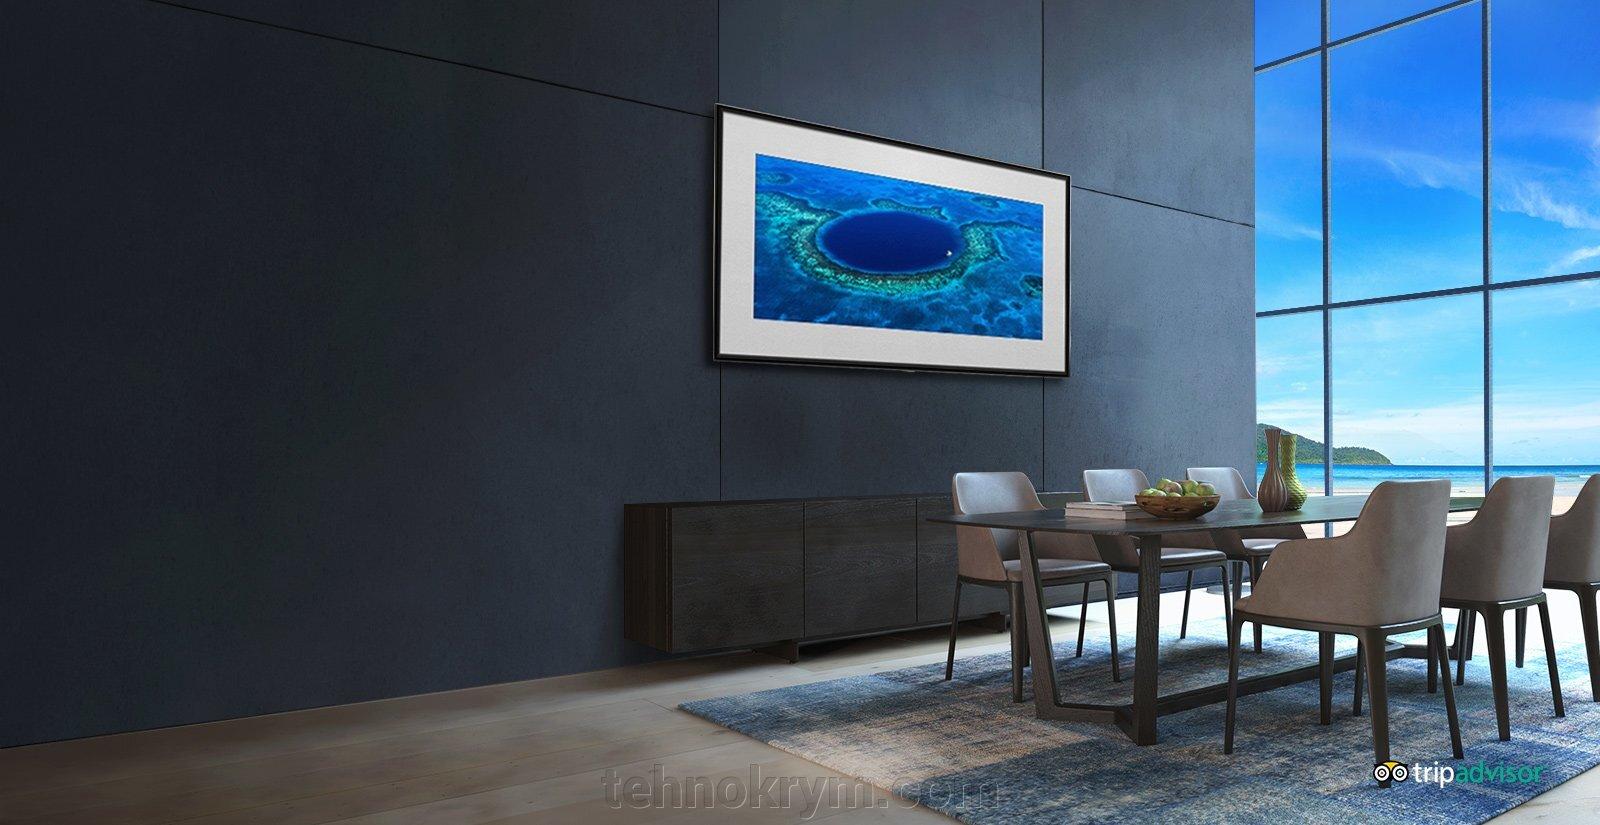 Smart OLED телевизор LG OLED55B8SLB, Ultra HD, серебристый, webOS 4.0 - фото LG OLED55B8SLB